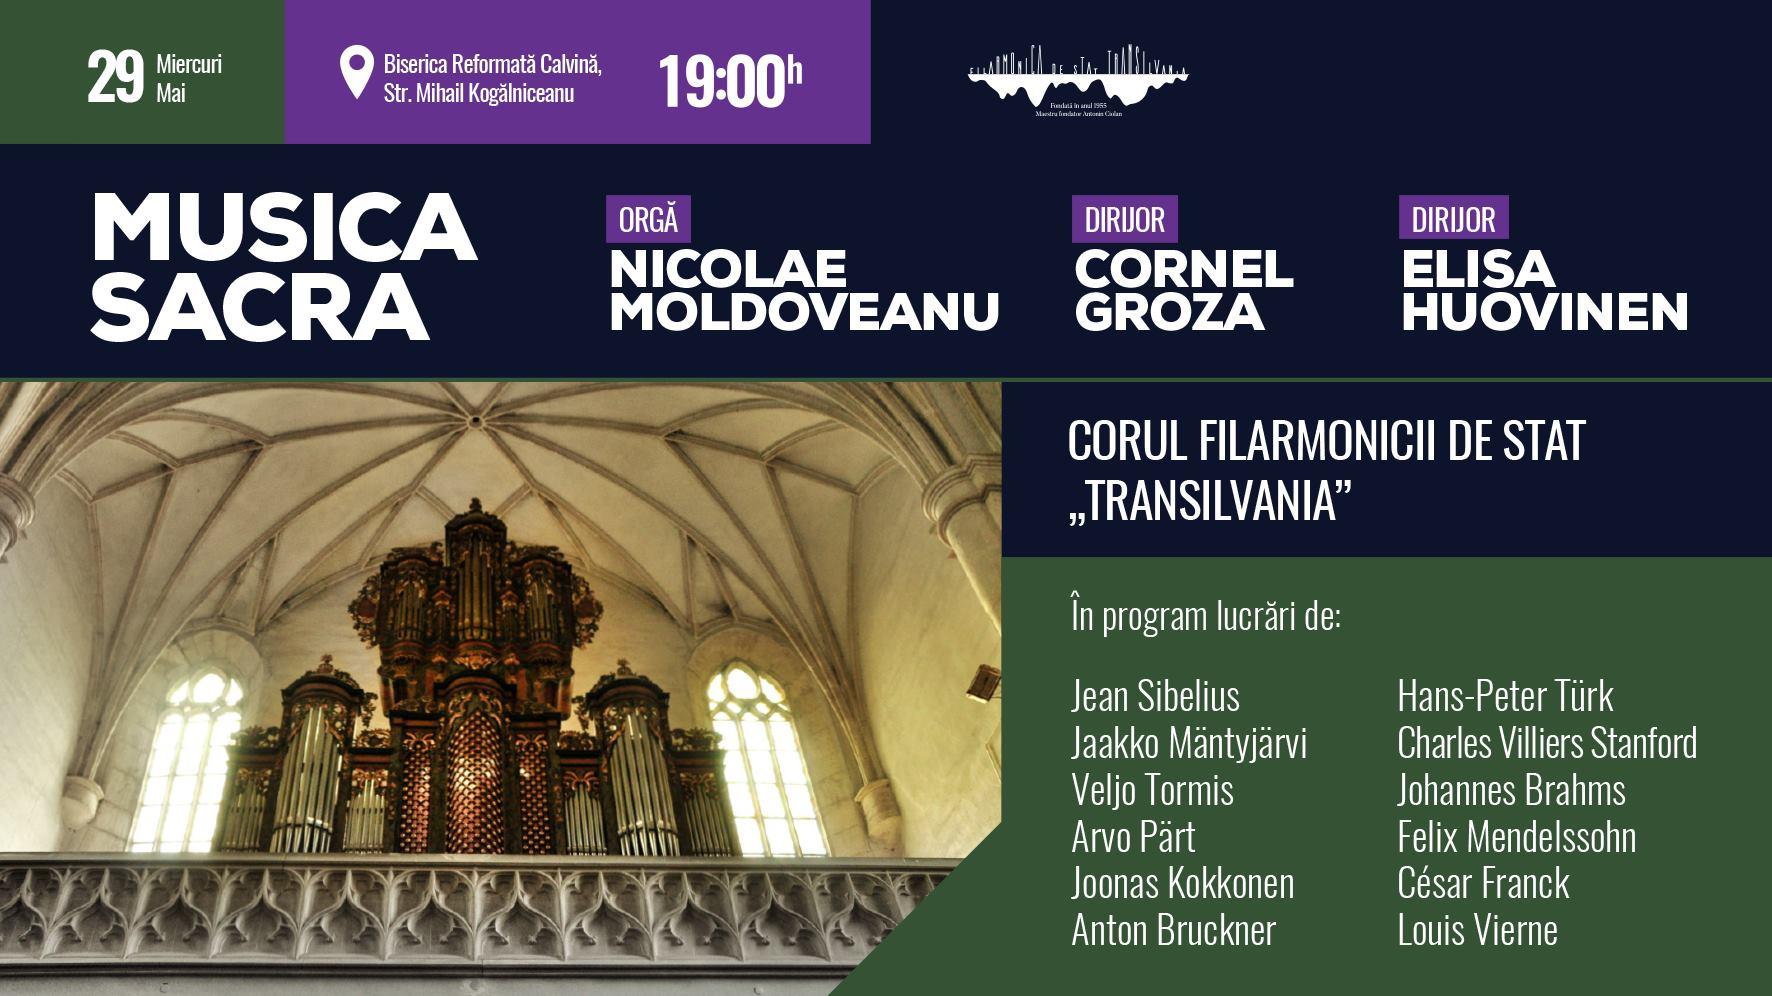 Musica sacra - Concert pentru cor și orgă